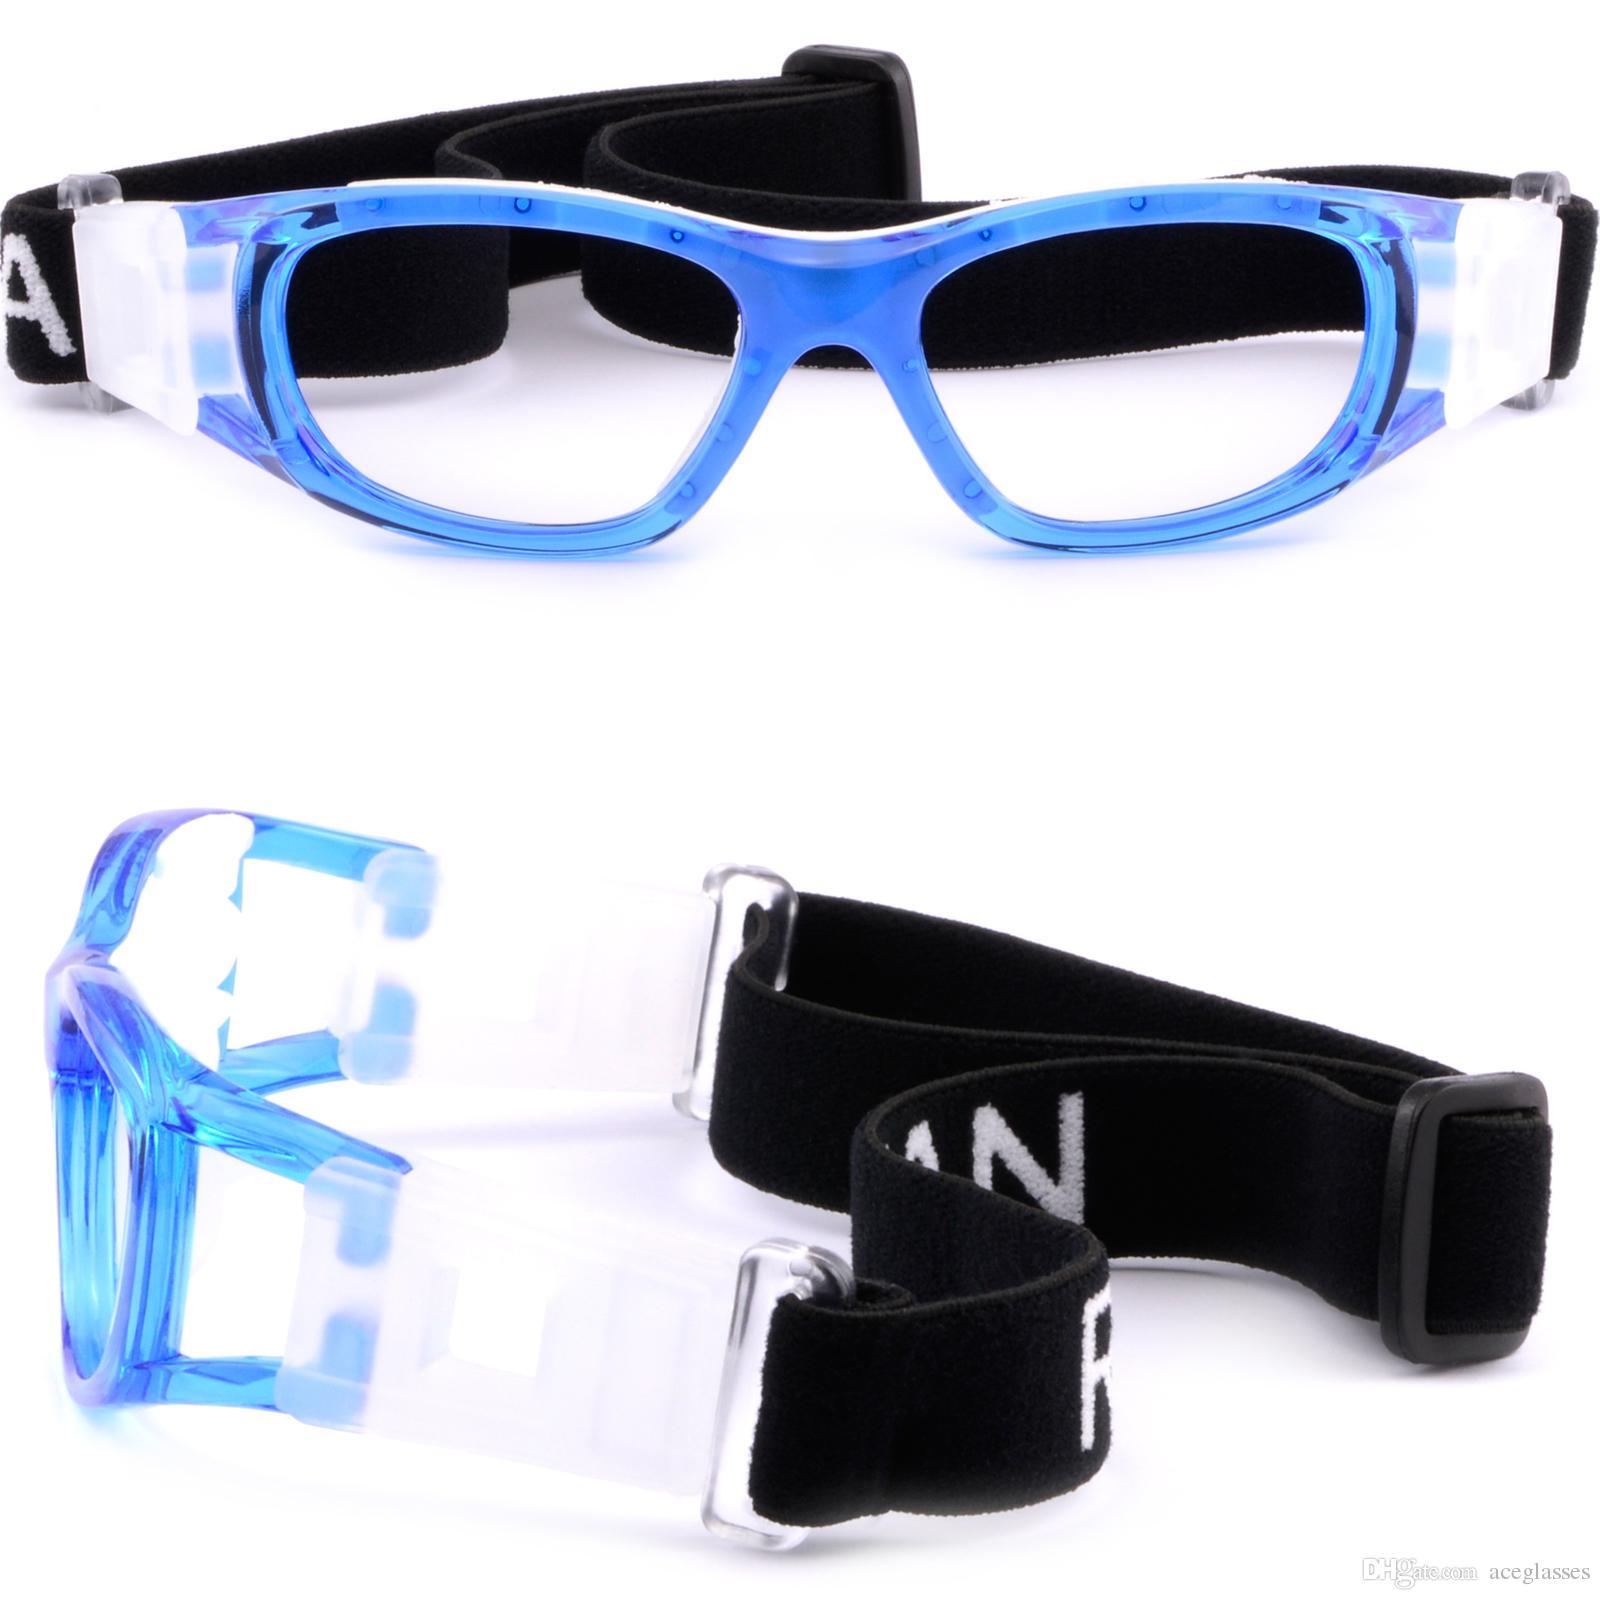 Gafas protectoras para niños Gafas graduadas seguras Gafas envueltas en azul